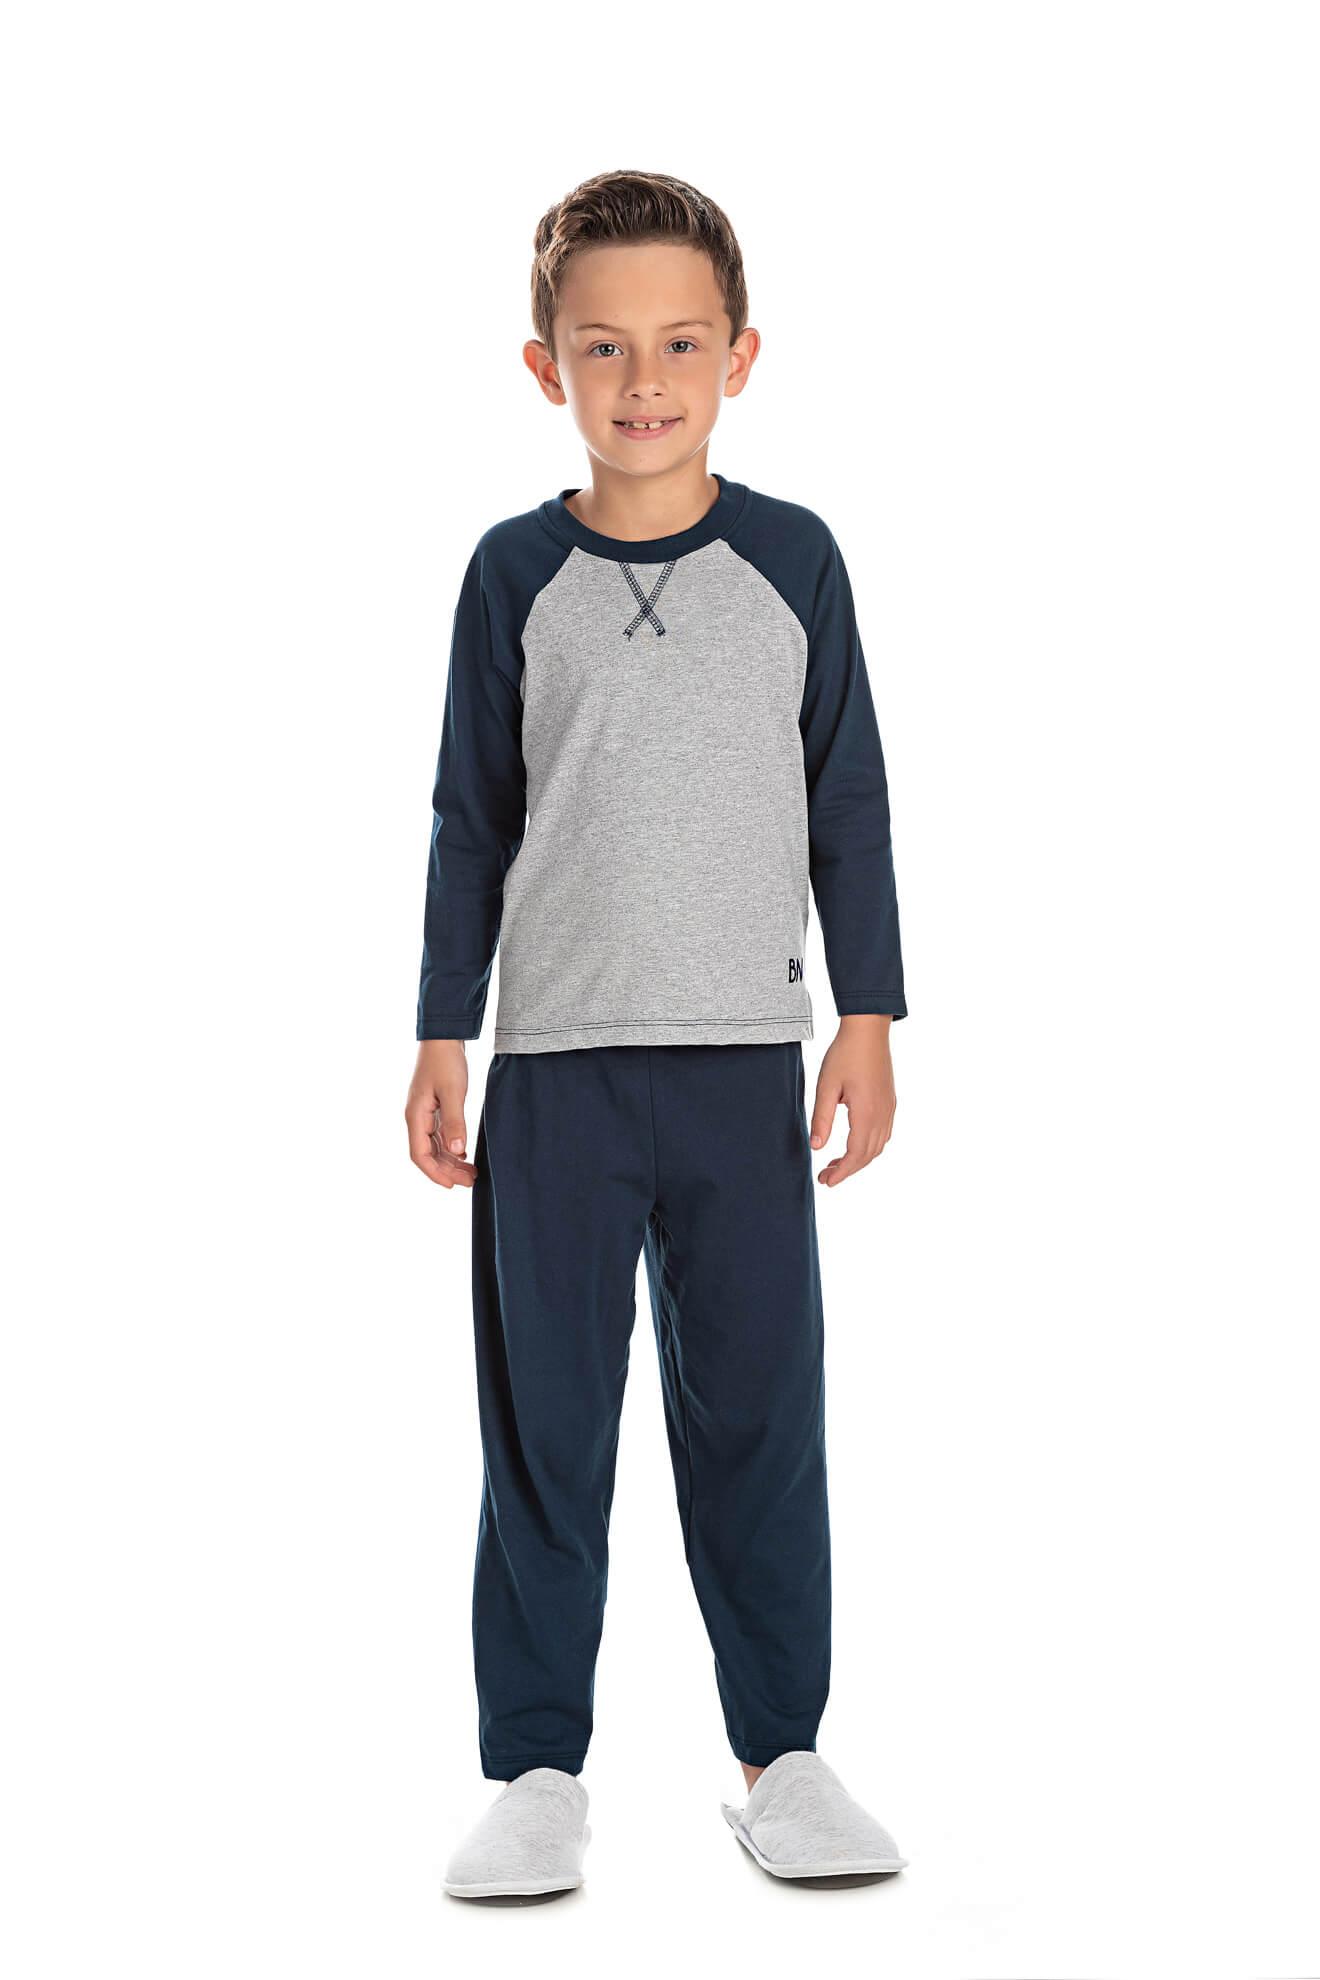 002/C- Pijama Infantil Masculino com Aplique Termocolante